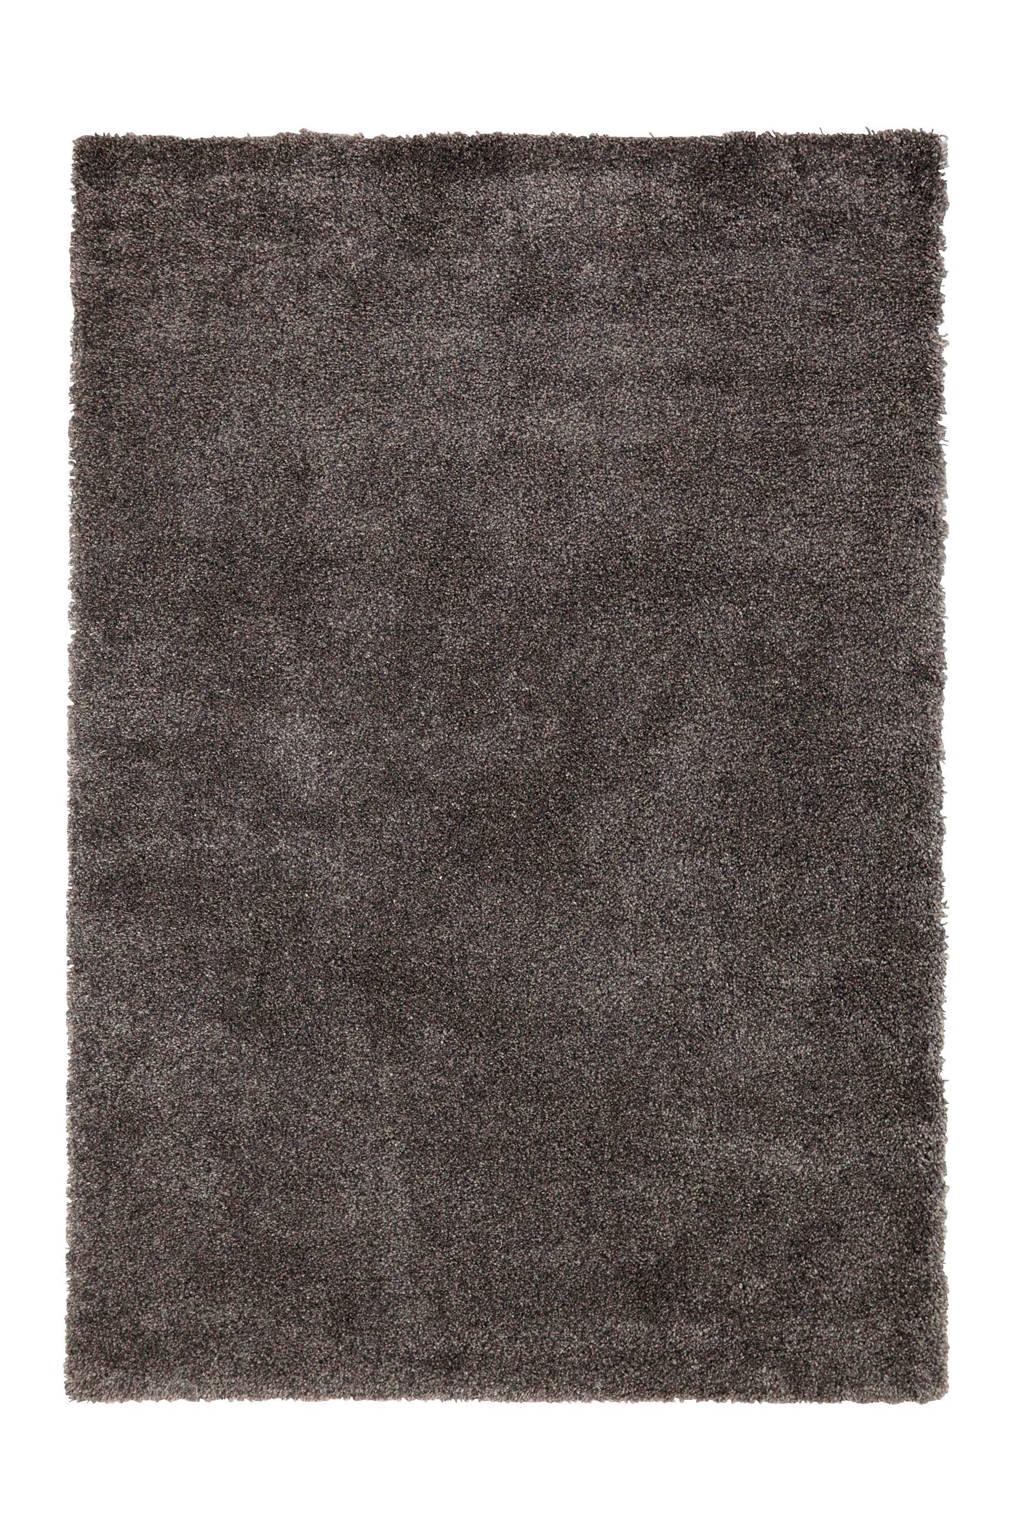 wehkamp home vloerkleed  (290x200 cm), Donker grijs